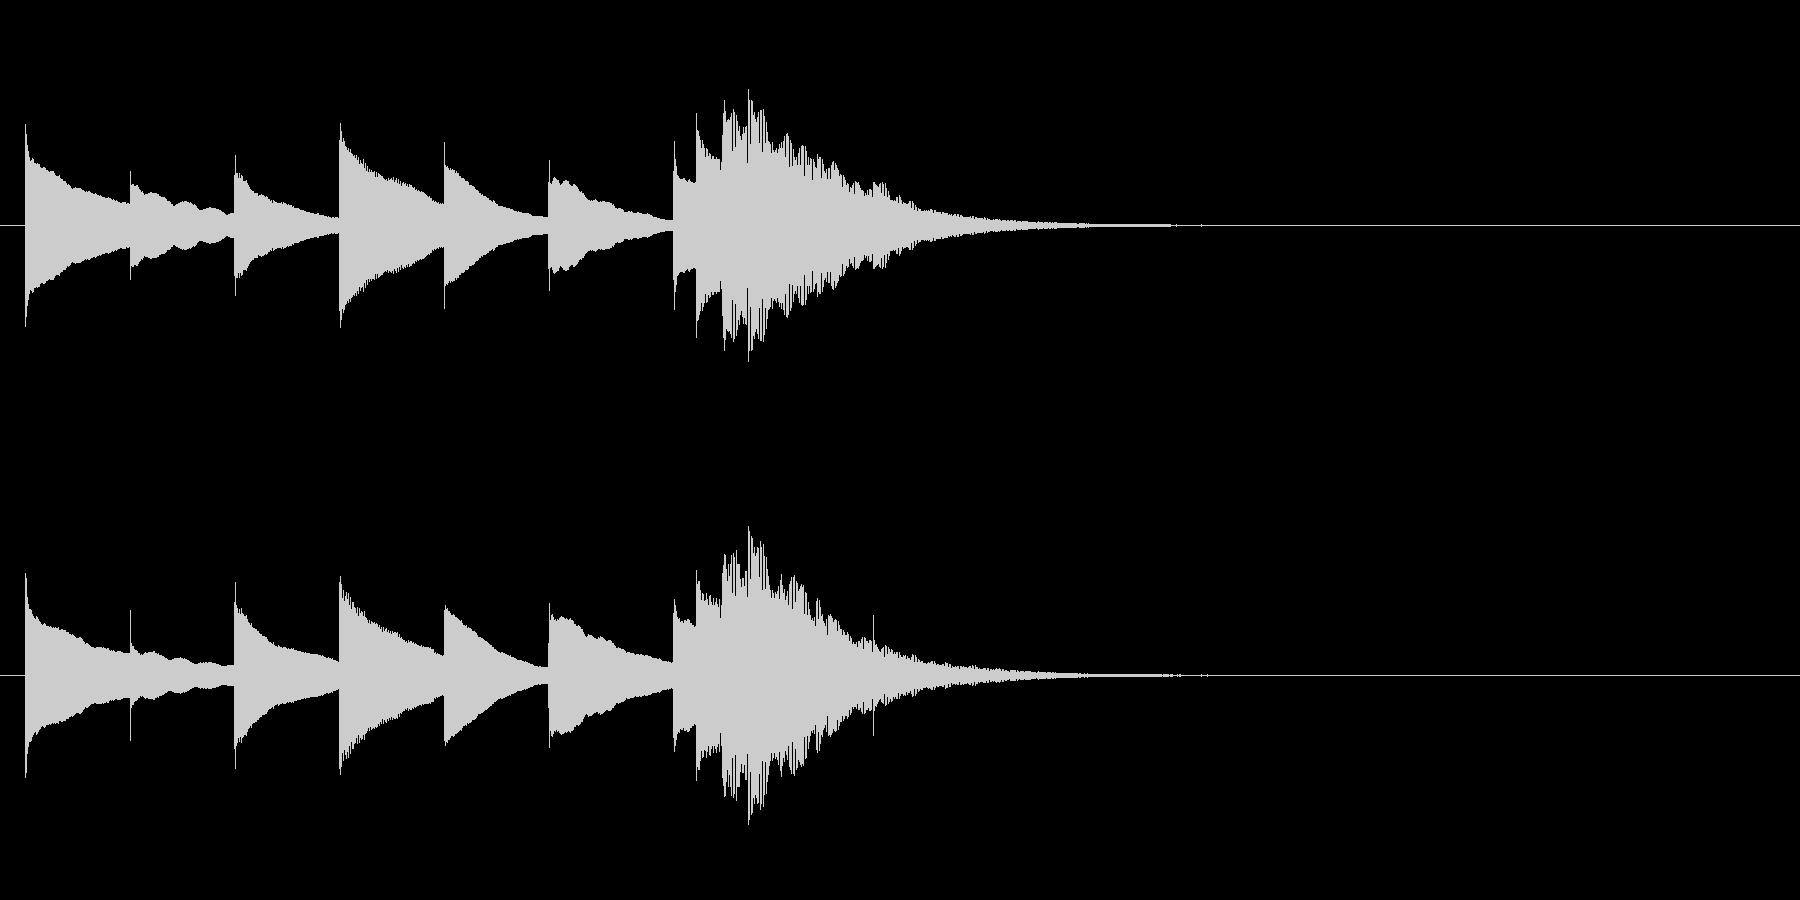 ほのぼのオルゴールジングル・長調の未再生の波形